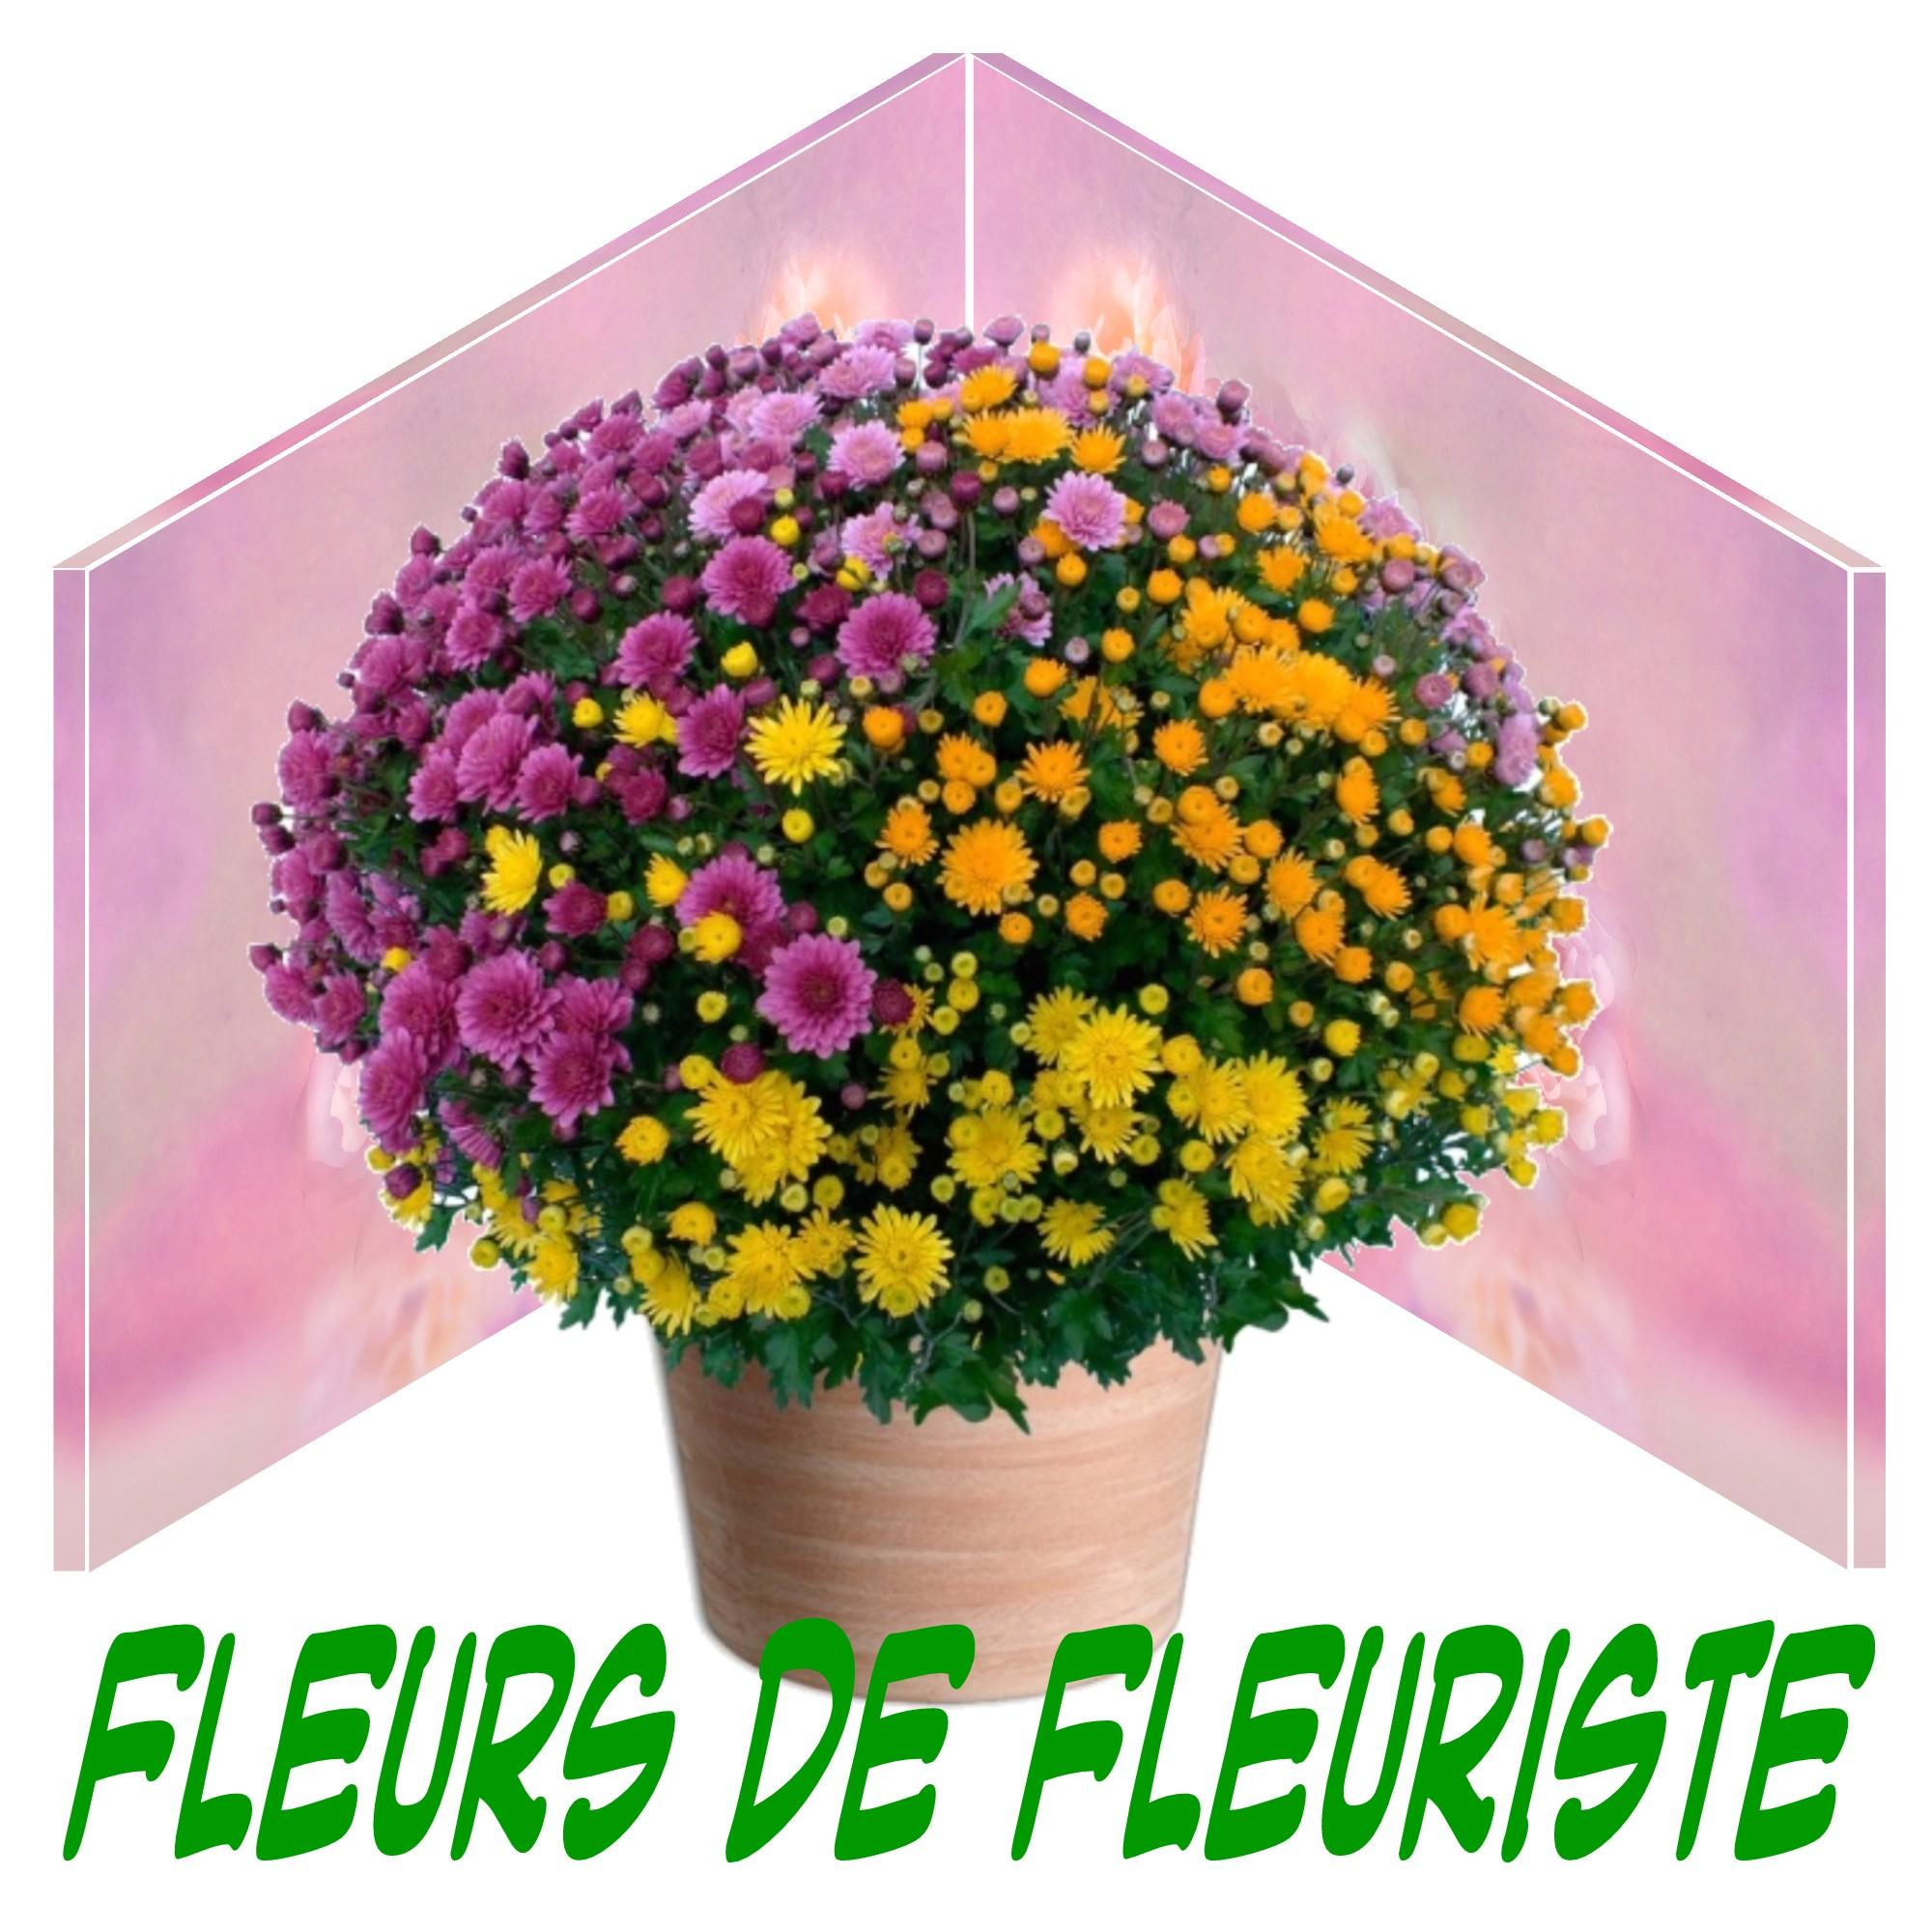 FLEURS TOUSSAINT Paris, FLEURS TOUSSAINT Marseille, FLEURS TOUSSAINT Lyon, FLEURS TOUSSAINT Toulouse, FLEURS TOUSSAINT Nice, FLEURS TOUSSAINT Nantes, FLEURS TOUSSAINT Montpellier, FLEURS TOUSSAINT Strasbourg, FLEURS TOUSSAINT Bordeaux, FLEURS TOUSSAINT Lille, FLEURS TOUSSAINT Rennes, FLEURS TOUSSAINT Reims, FLEURS TOUSSAINT Le Havre, FLEURS TOUSSAINT Saint-Étienne, FLEURS TOUSSAINT Toulon, FLEURS TOUSSAINT Grenoble, FLEURS TOUSSAINT Dijon, FLEURS TOUSSAINT Angers, FLEURS TOUSSAINT Nîmes, FLEURS TOUSSAINT Villeurbanne, FLEURS TOUSSAINT Le Mans, FLEURS TOUSSAINT Aix-en-Provence, FLEURS TOUSSAINT Clermont-Ferrand, FLEURS TOUSSAINT Brest, FLEURS TOUSSAINT Tours, FLEURS TOUSSAINT Limoges, FLEURS TOUSSAINT Amiens, FLEURS TOUSSAINT Annecy, FLEURS TOUSSAINT Perpignan, FLEURS TOUSSAINT Boulogne-Billancourt, FLEURS TOUSSAINT Metz, FLEURS TOUSSAINT Besançon, FLEURS TOUSSAINT Orléans, FLEURS TOUSSAINT Saint-Denis, FLEURS TOUSSAINT Argenteuil, FLEURS TOUSSAINT Mulhouse, FLEURS TOUSSAINT Rouen, FLEURS TOUSSAINT Montreuil, FLEURS TOUSSAINT Caen, FLEURS TOUSSAINT Nancy, FLEURS TOUSSAINT Tourcoing, FLEURS TOUSSAINT Roubaix, FLEURS TOUSSAINT Nanterre, FLEURS TOUSSAINT Vitry-sur-Seine, FLEURS TOUSSAINT Avignon, FLEURS TOUSSAINT Créteil, FLEURS TOUSSAINT Dunkerque, FLEURS TOUSSAINT Poitiers, FLEURS TOUSSAINT Asnières-sur-Seine, FLEURS TOUSSAINT Versailles, FLEURS TOUSSAINT Colombes, FLEURS TOUSSAINT Saint-Pierre, FLEURS TOUSSAINT Aubervilliers, FLEURS TOUSSAINT Aulnay-sous-Bois, FLEURS TOUSSAINT Courbevoie, FLEURS TOUSSAINT Fort-de-France, FLEURS TOUSSAINT Cherbourg-en-Cotentin17, FLEURS TOUSSAINT Rueil-Malmaison, FLEURS TOUSSAINT Pau, FLEURS TOUSSAINT Champigny-sur-Marne, FLEURS TOUSSAINT Le Tampon, FLEURS TOUSSAINT Béziers, FLEURS TOUSSAINT Calais, FLEURS TOUSSAINT La Rochelle, FLEURS TOUSSAINT Saint-Maur-des-Fossés, FLEURS TOUSSAINT Antibes, FLEURS TOUSSAINT Cannes, FLEURS TOUSSAINT Colmar, FLEURS TOUSSAINT Mérignac, FLEURS TOUSSAINT Saint-Nazaire, FLEURS TOUSSAINT Drancy, FLEURS TO